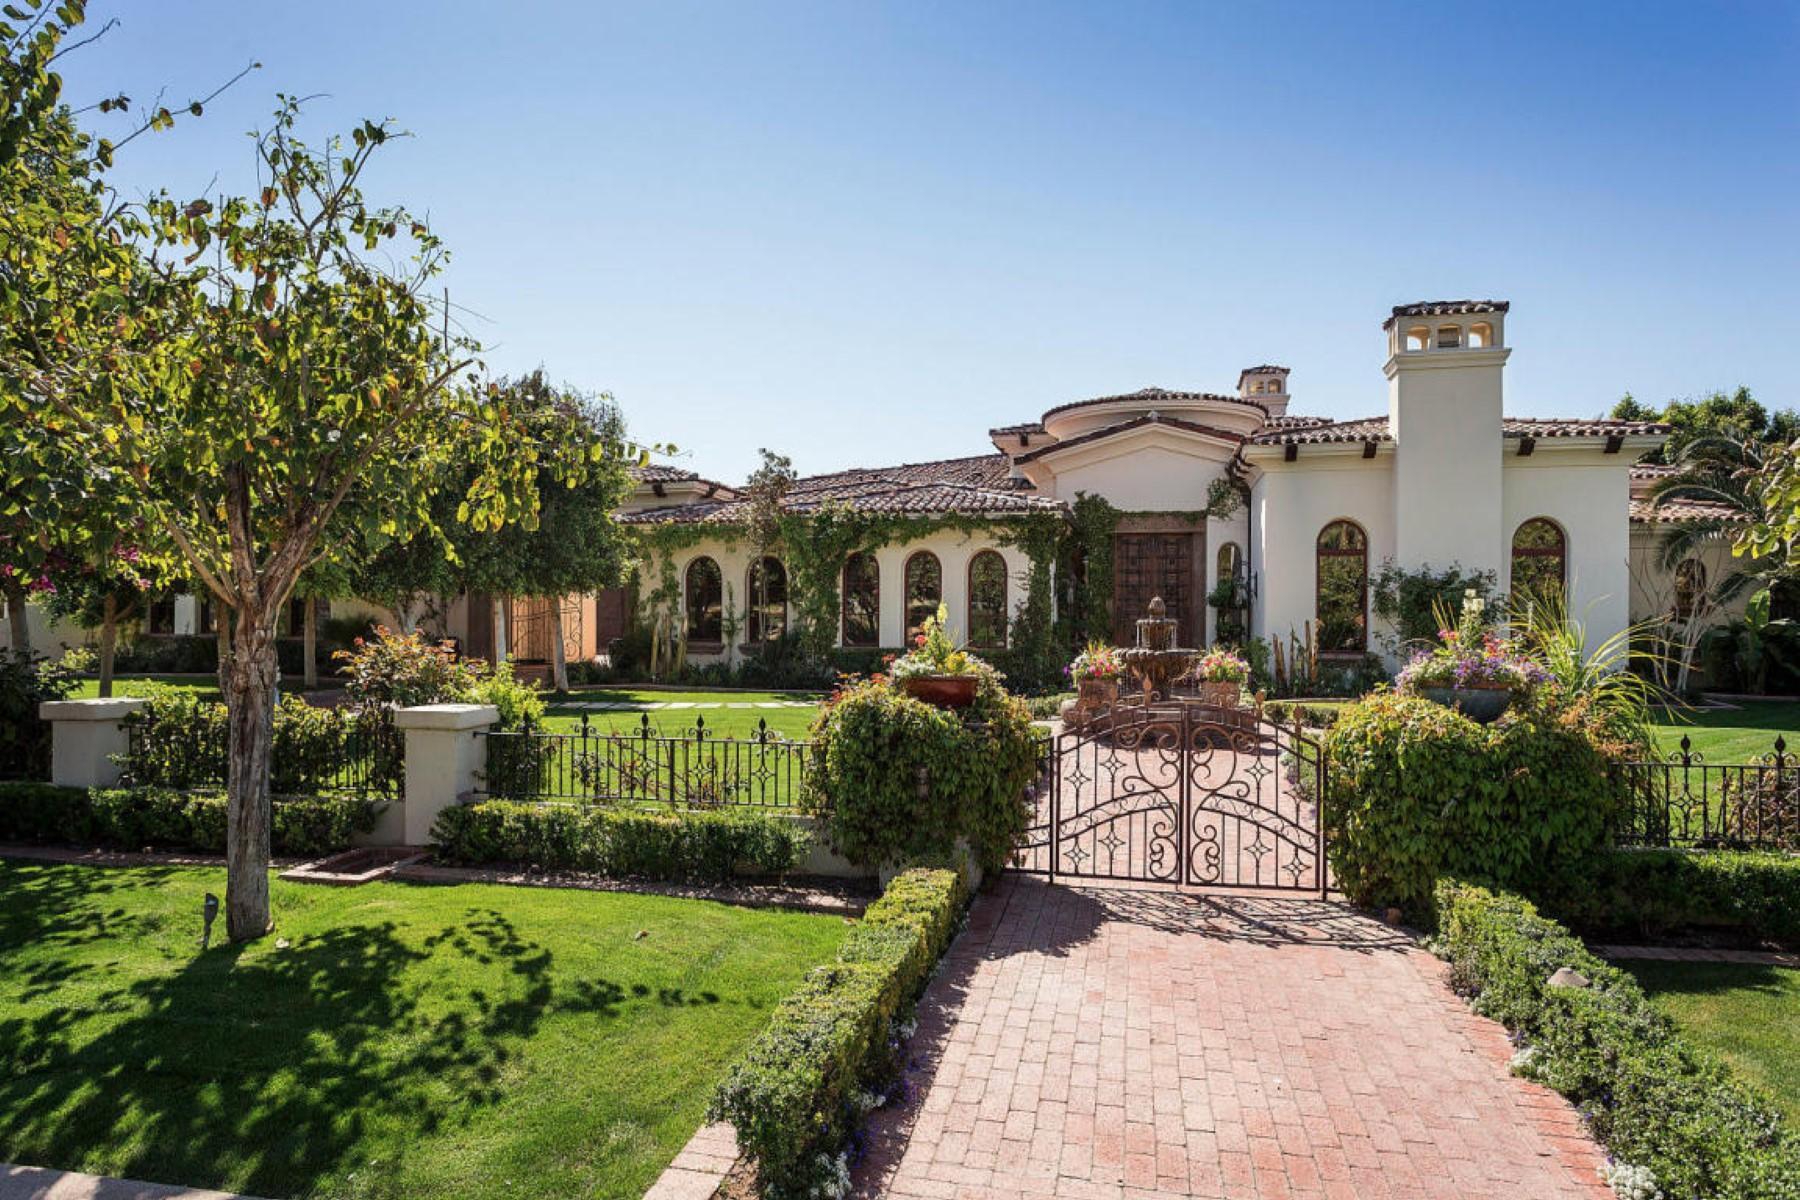 一戸建て のために 売買 アット Spectacular Mediterranean Estate set on one of the best streets in all of Arcadi 6215 E Exeter BLVD Scottsdale, アリゾナ 85251 アメリカ合衆国